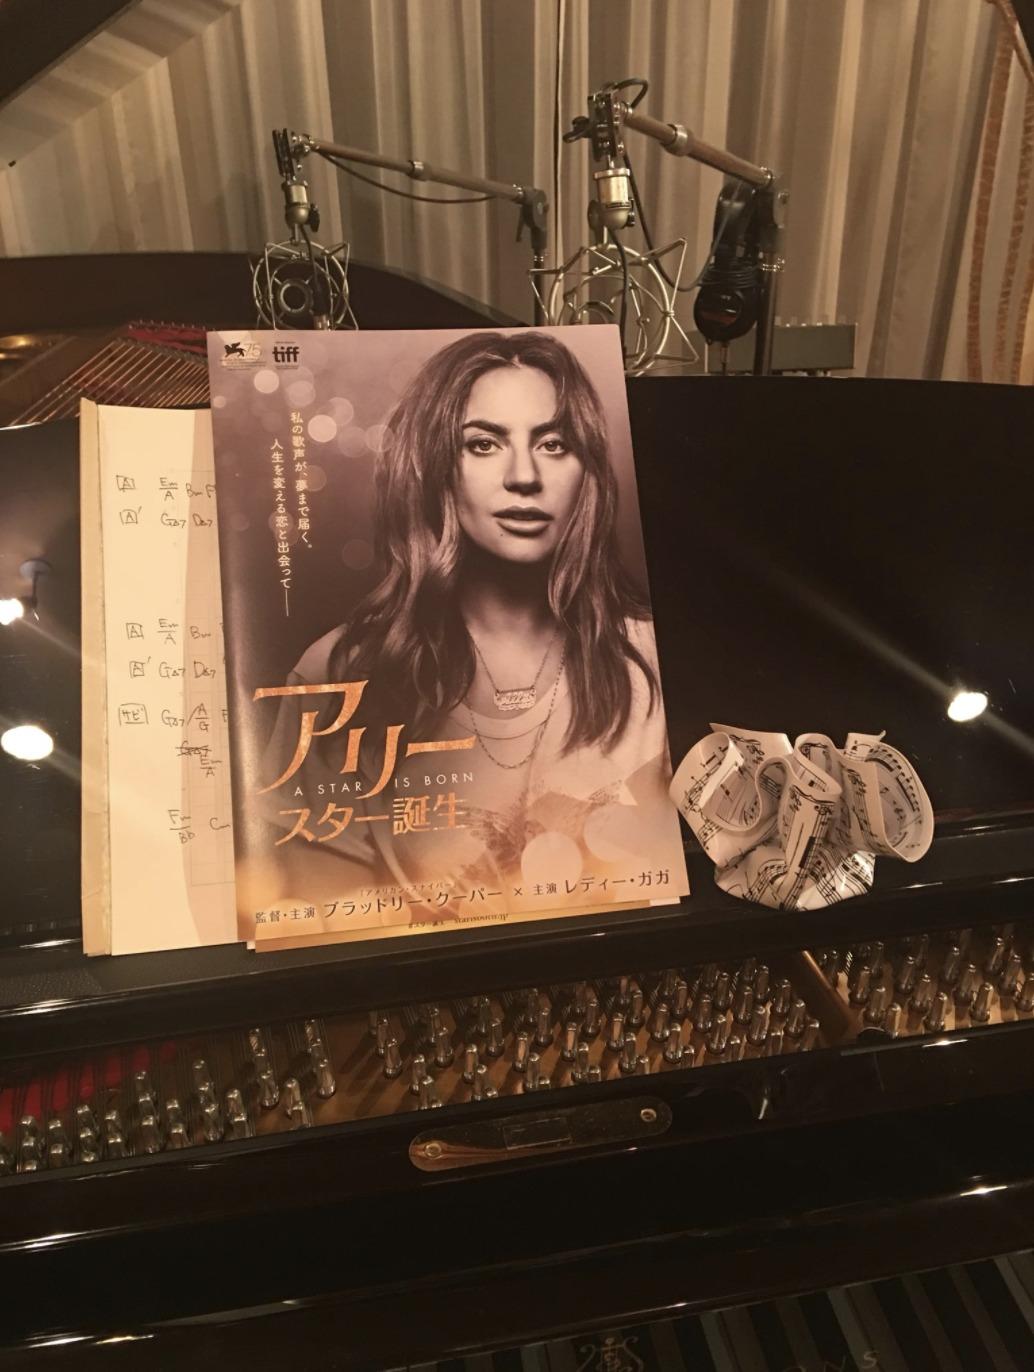 ピアノ部屋の画像